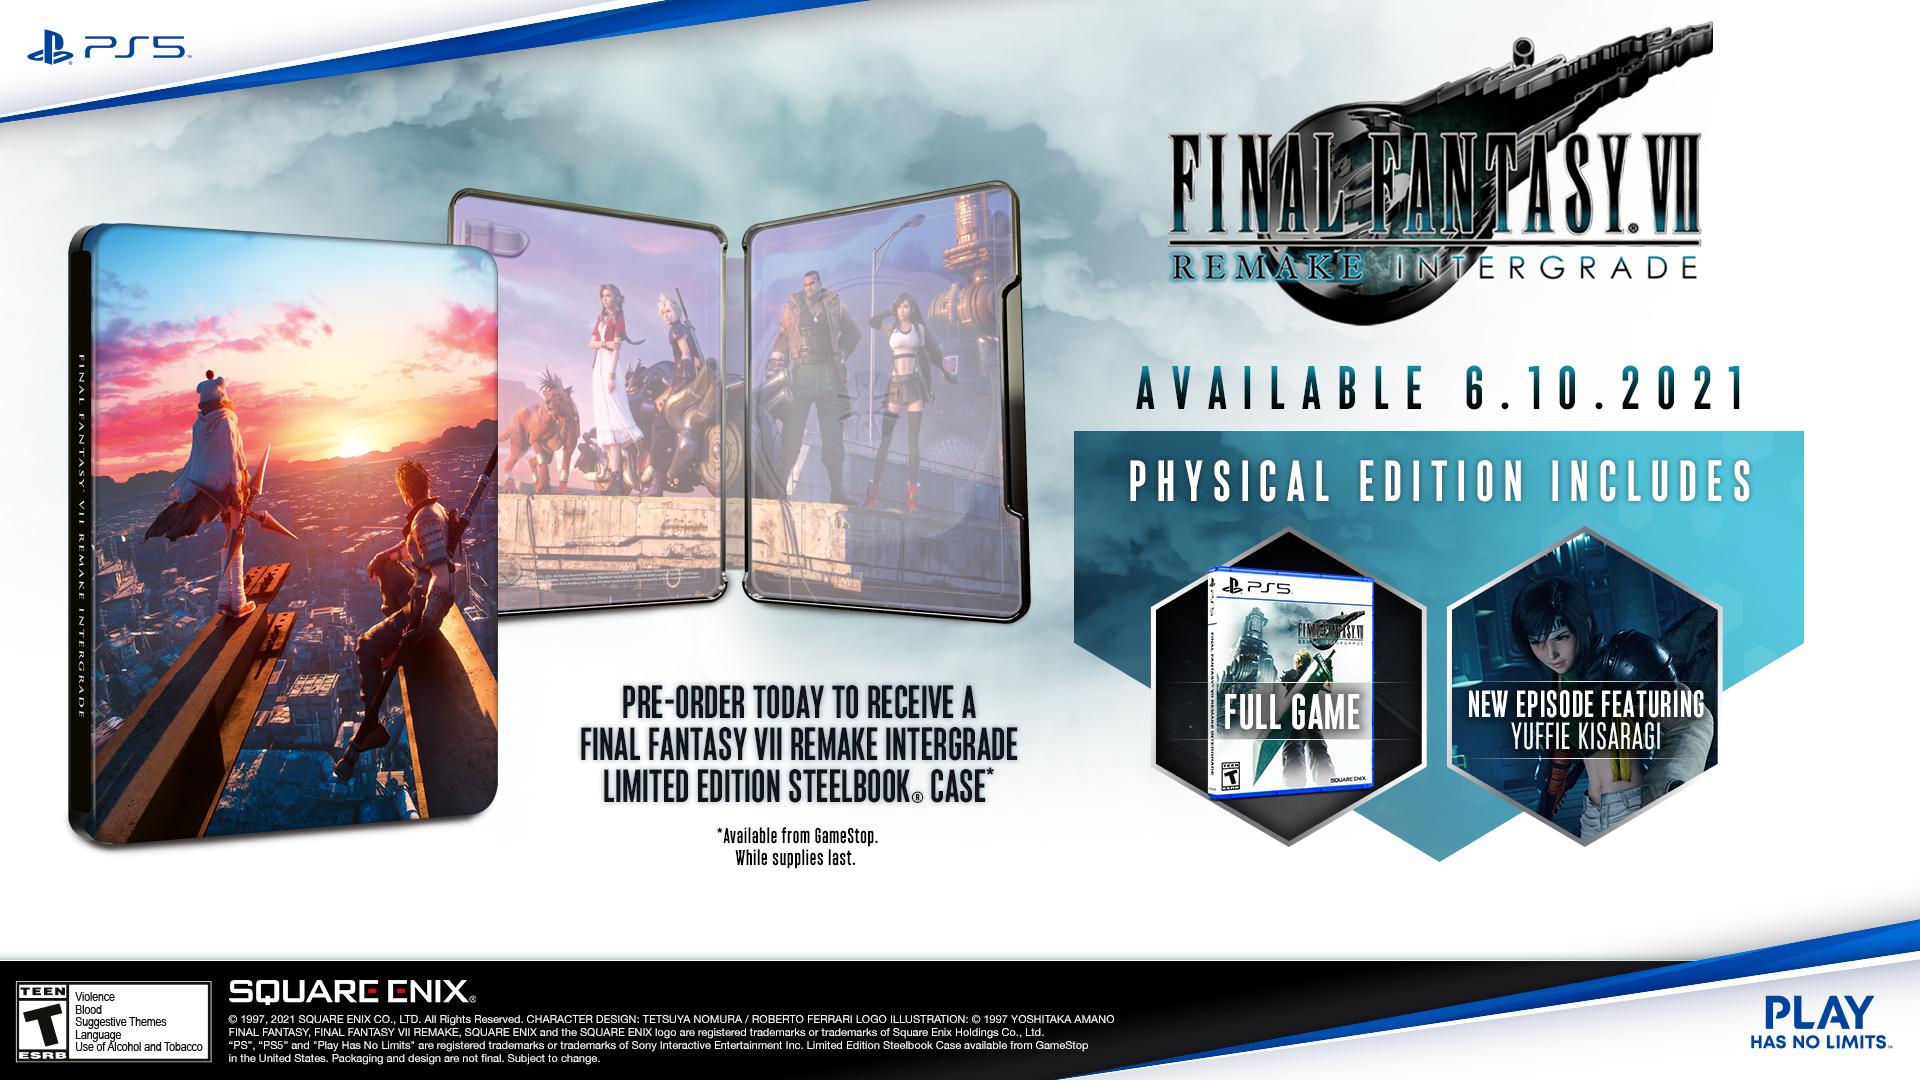 gamestop ffvii remake intergrade steelbook pre-order